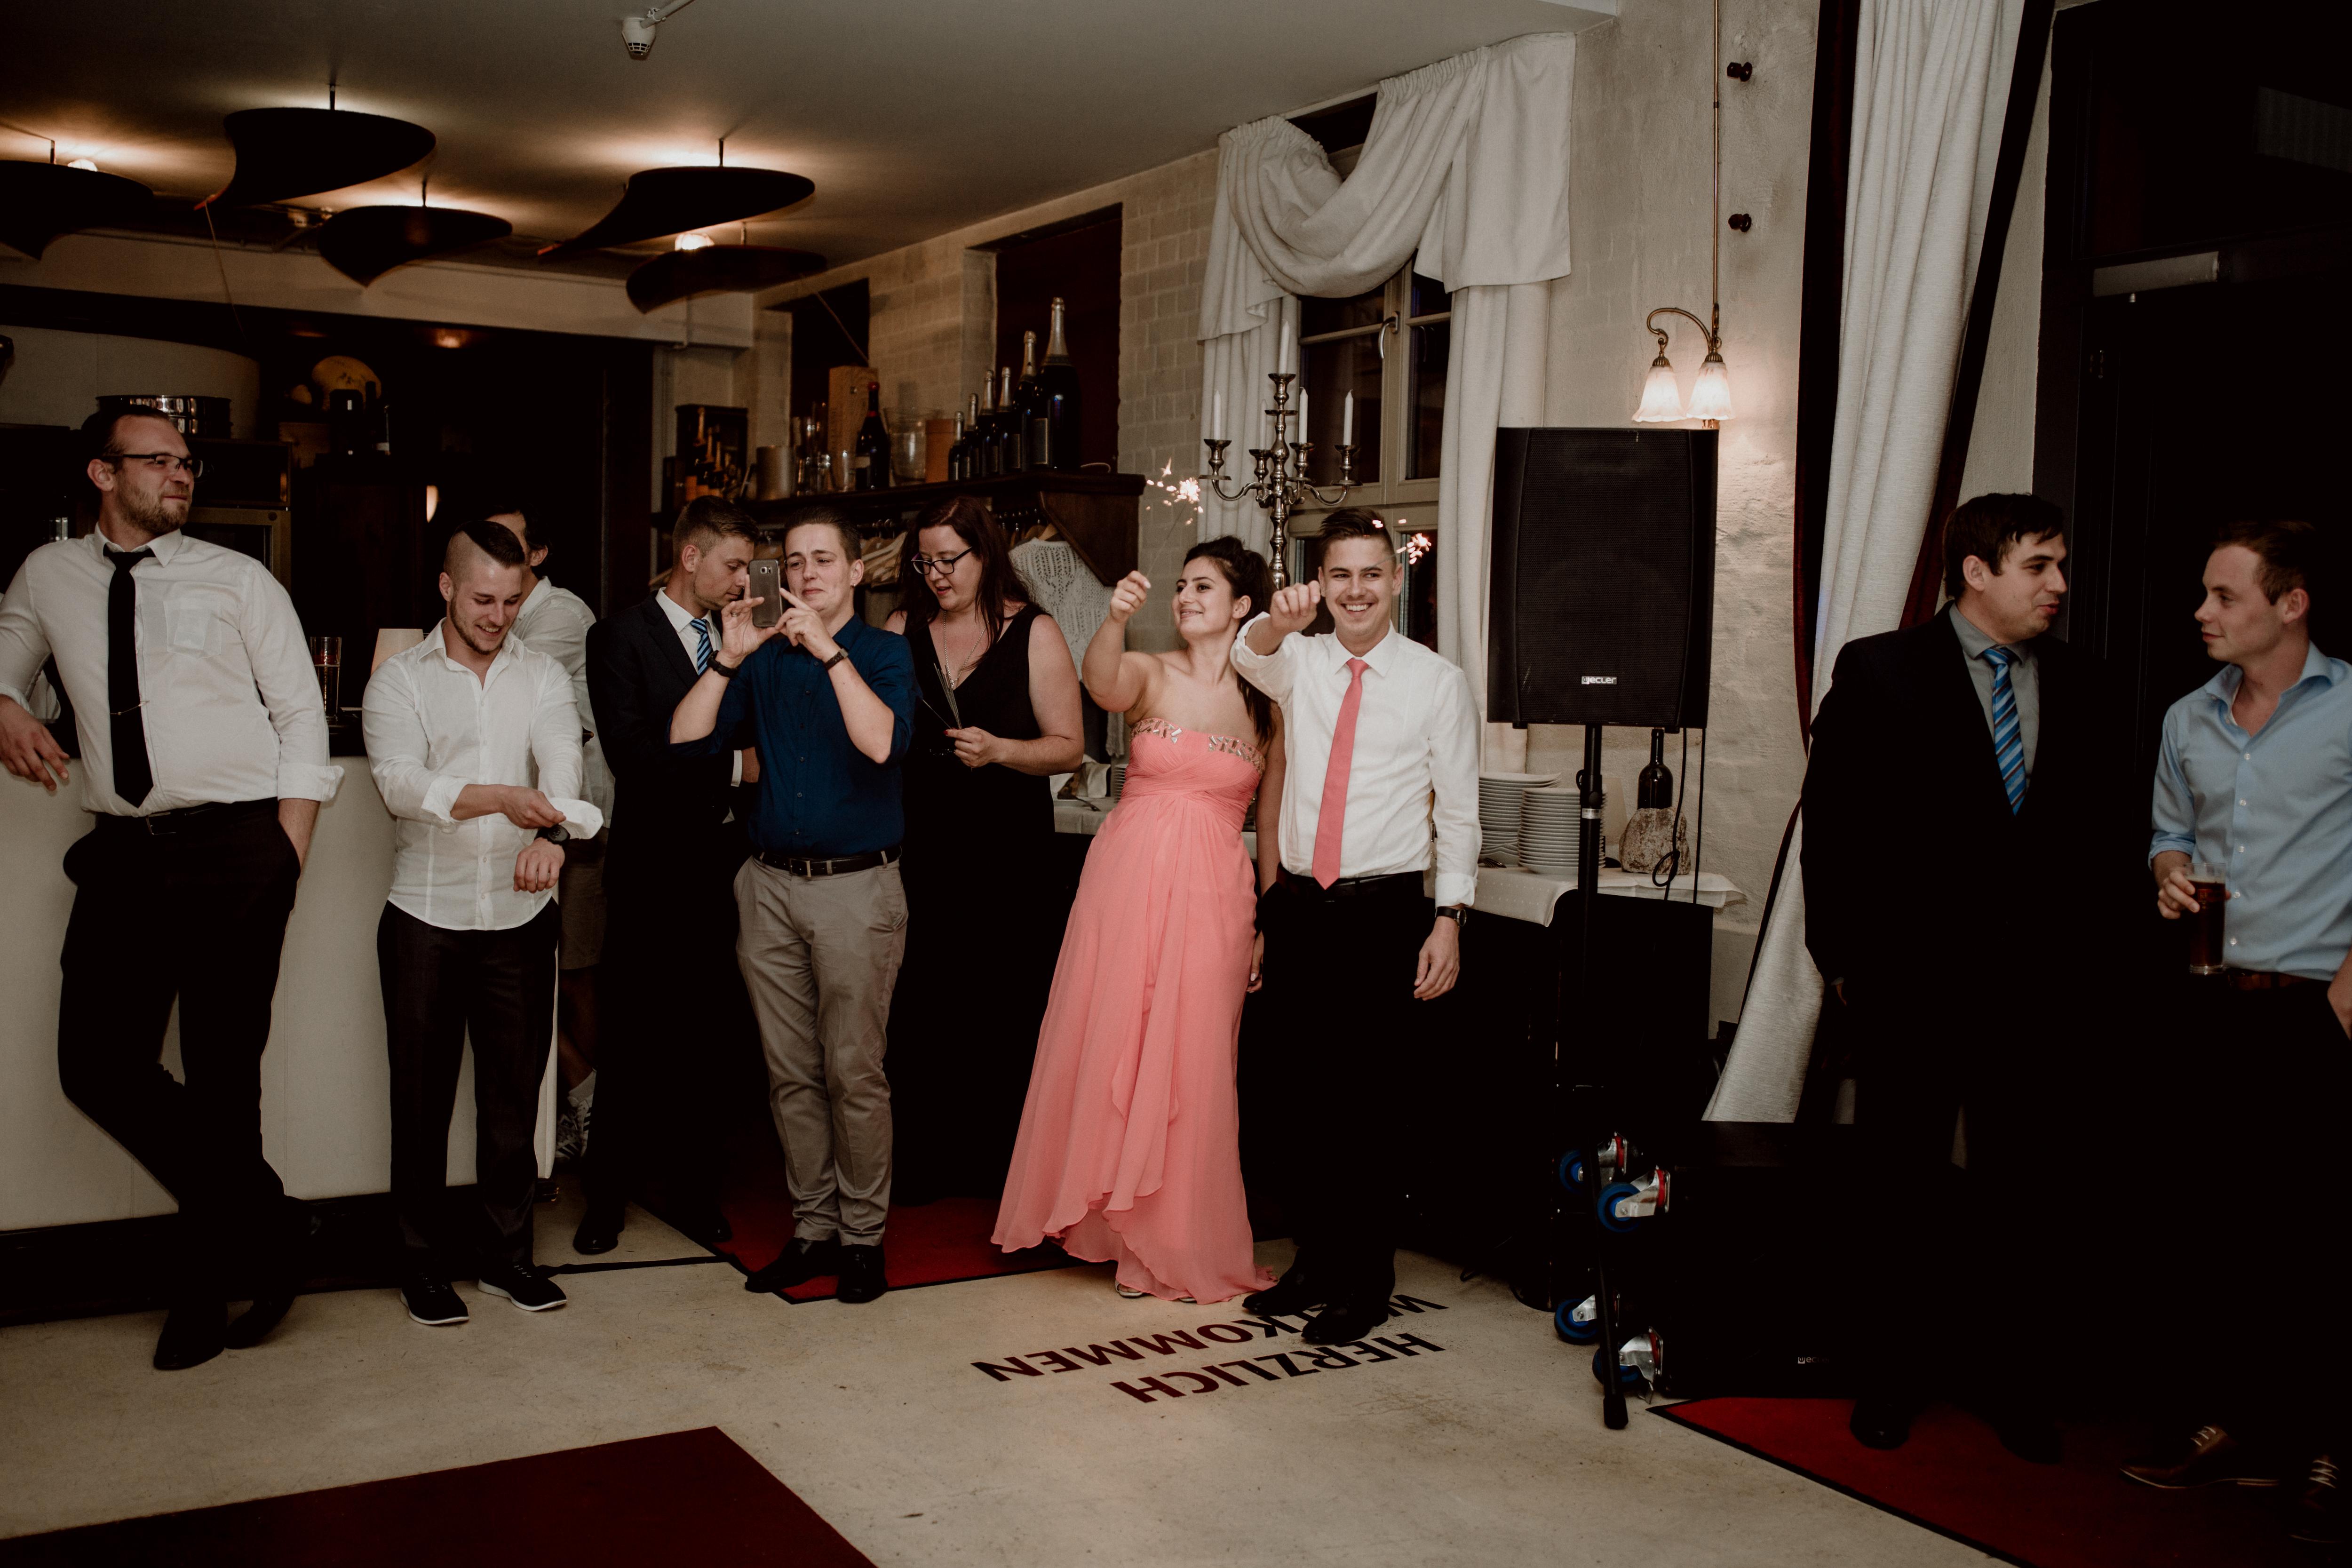 URBANERIE_Hochzeitsfotografin_Nürnberg_Fürth_Erlangen_Schwabach_170630_1233